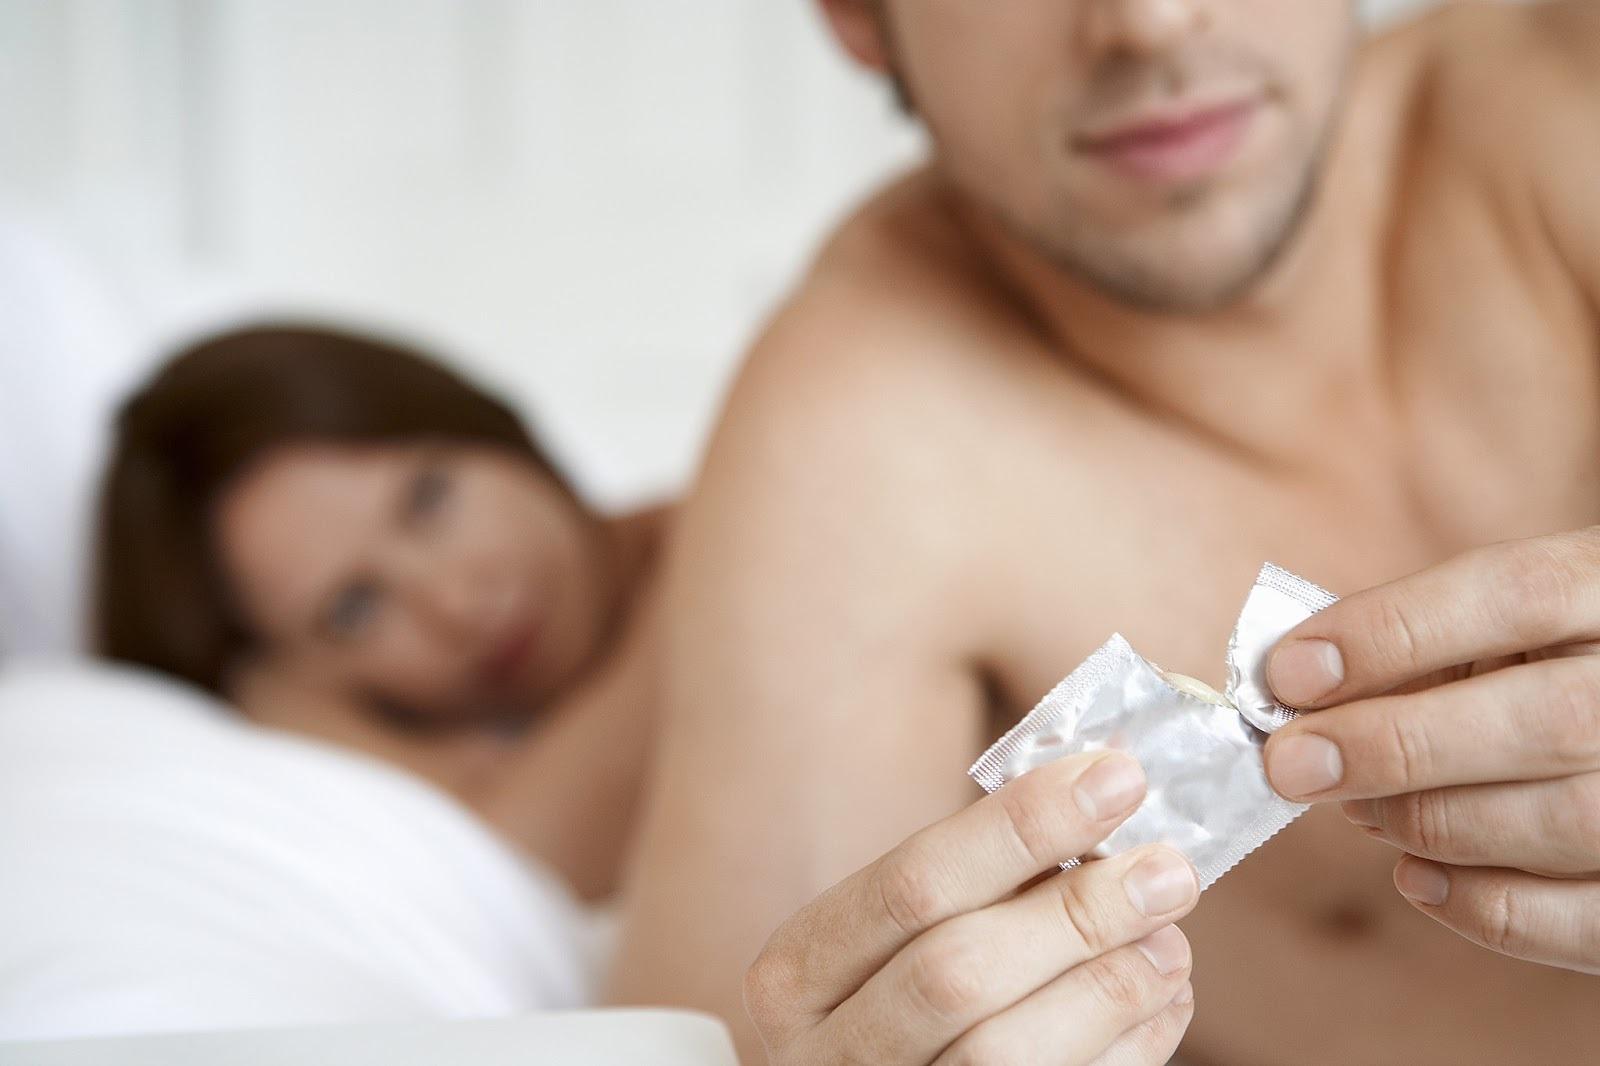 если партнер отказывается надевать презерватив